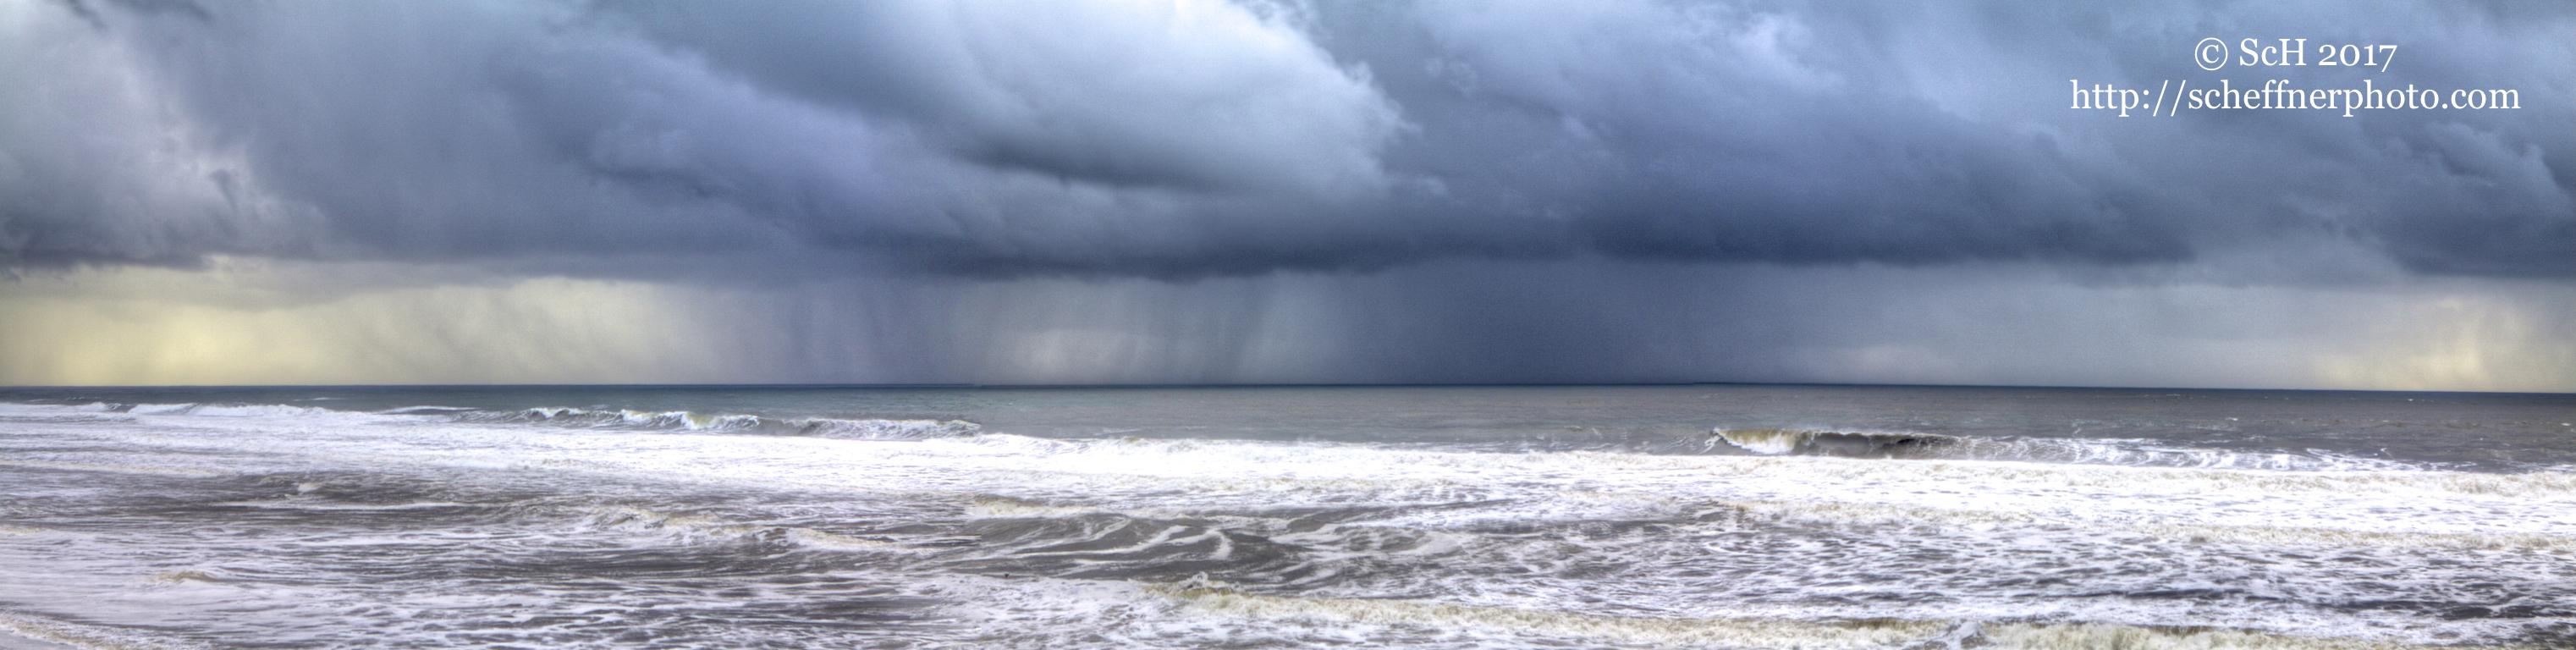 surf sun and rain